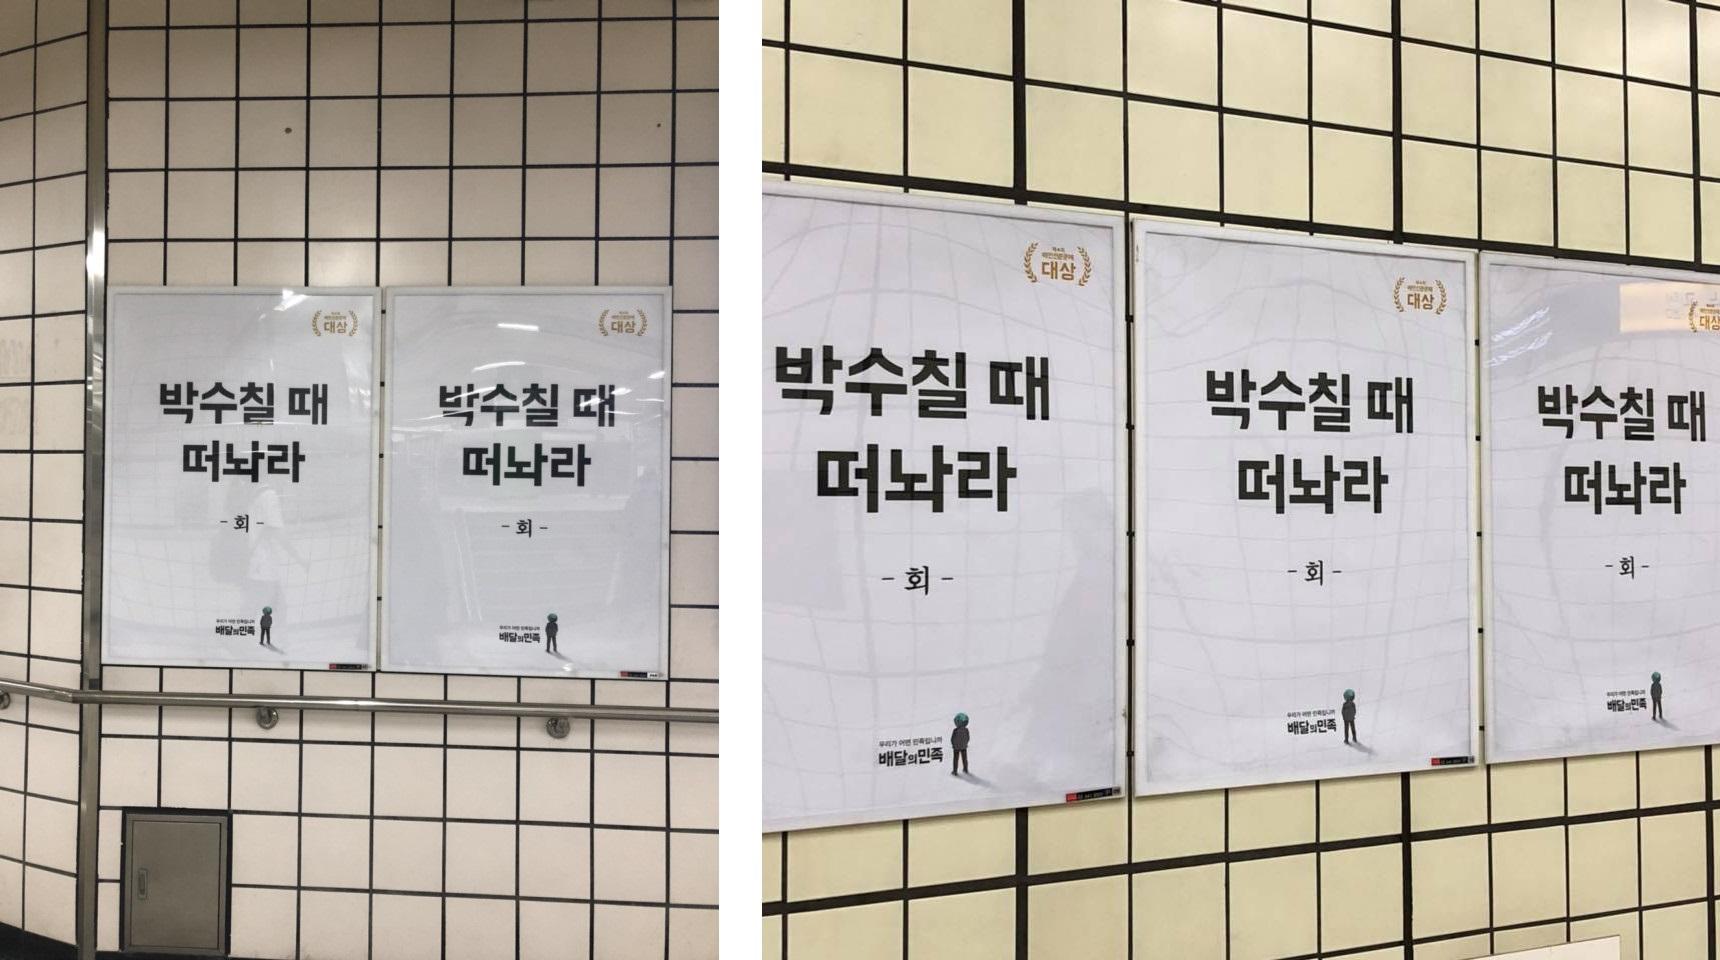 지하철 역사에 게시된 옥외광고 ⓒ이승희